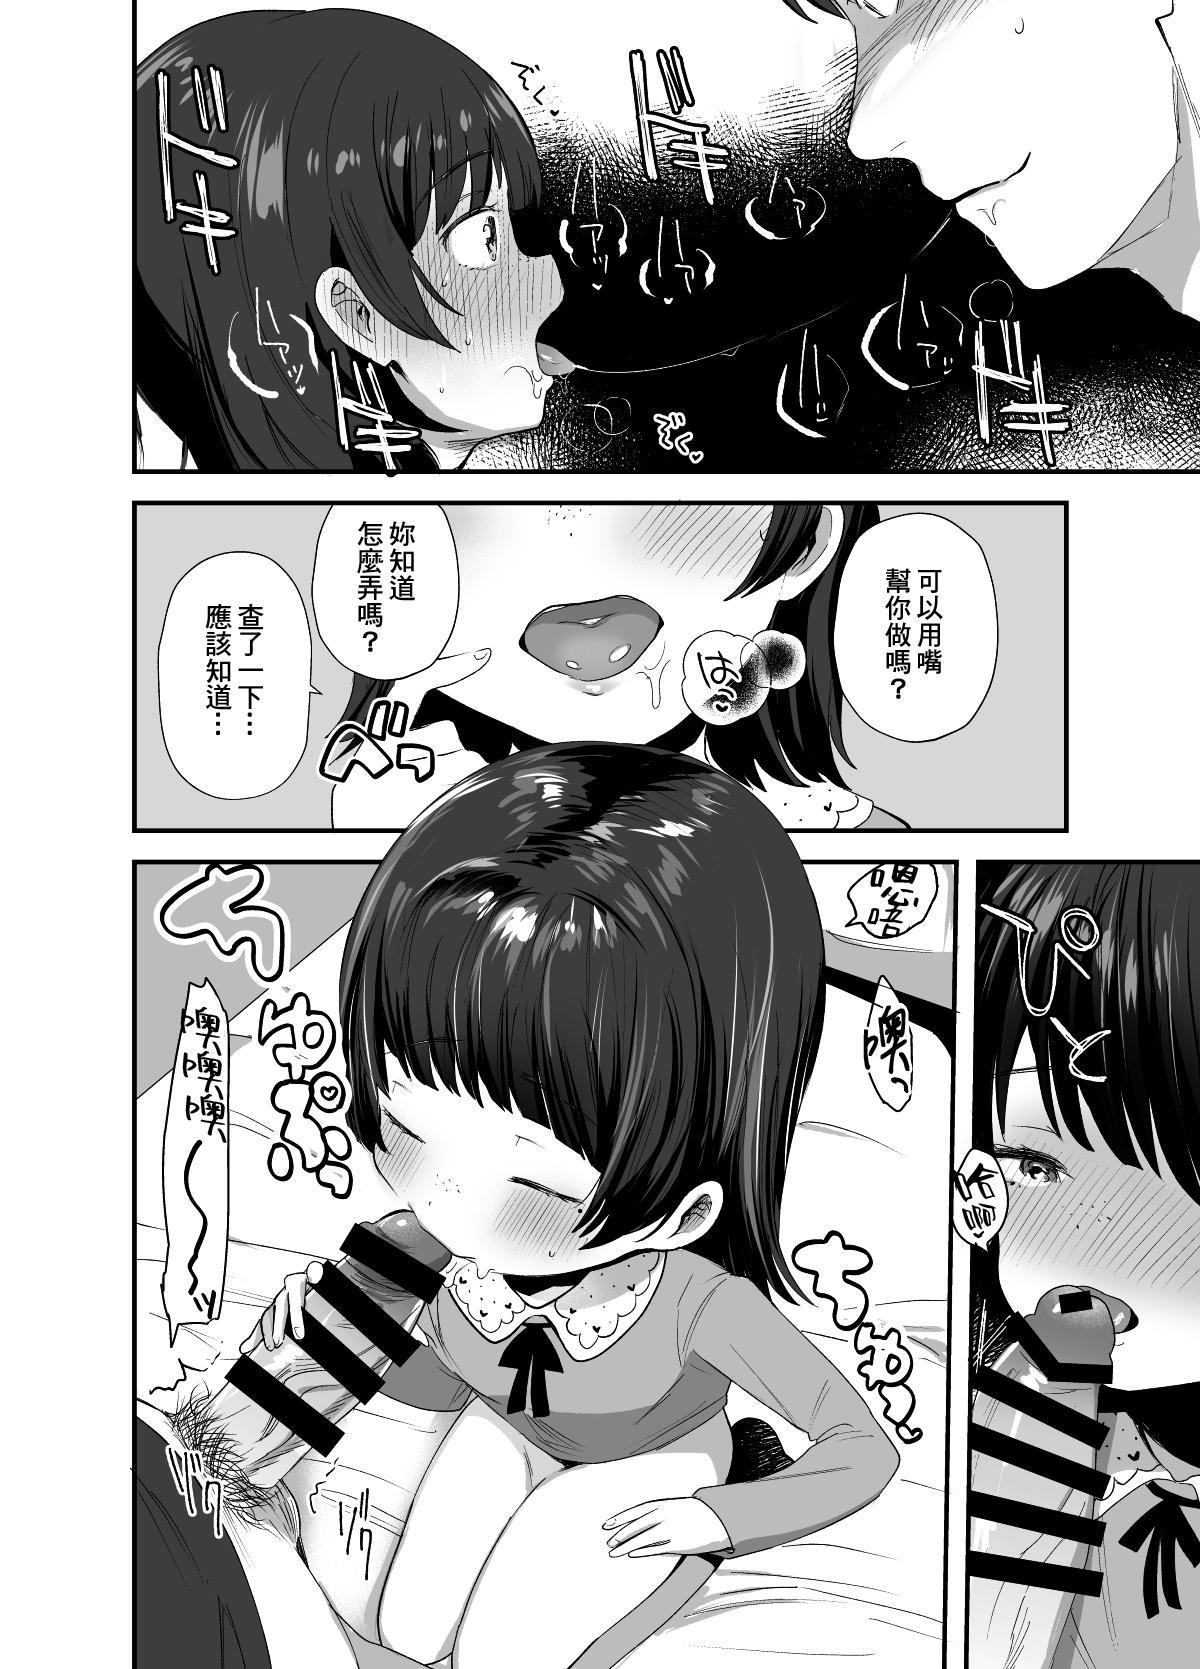 Ore ni dake Ero Jidori o Okutte Kureru JS to Hajimete no Off-kai de 11